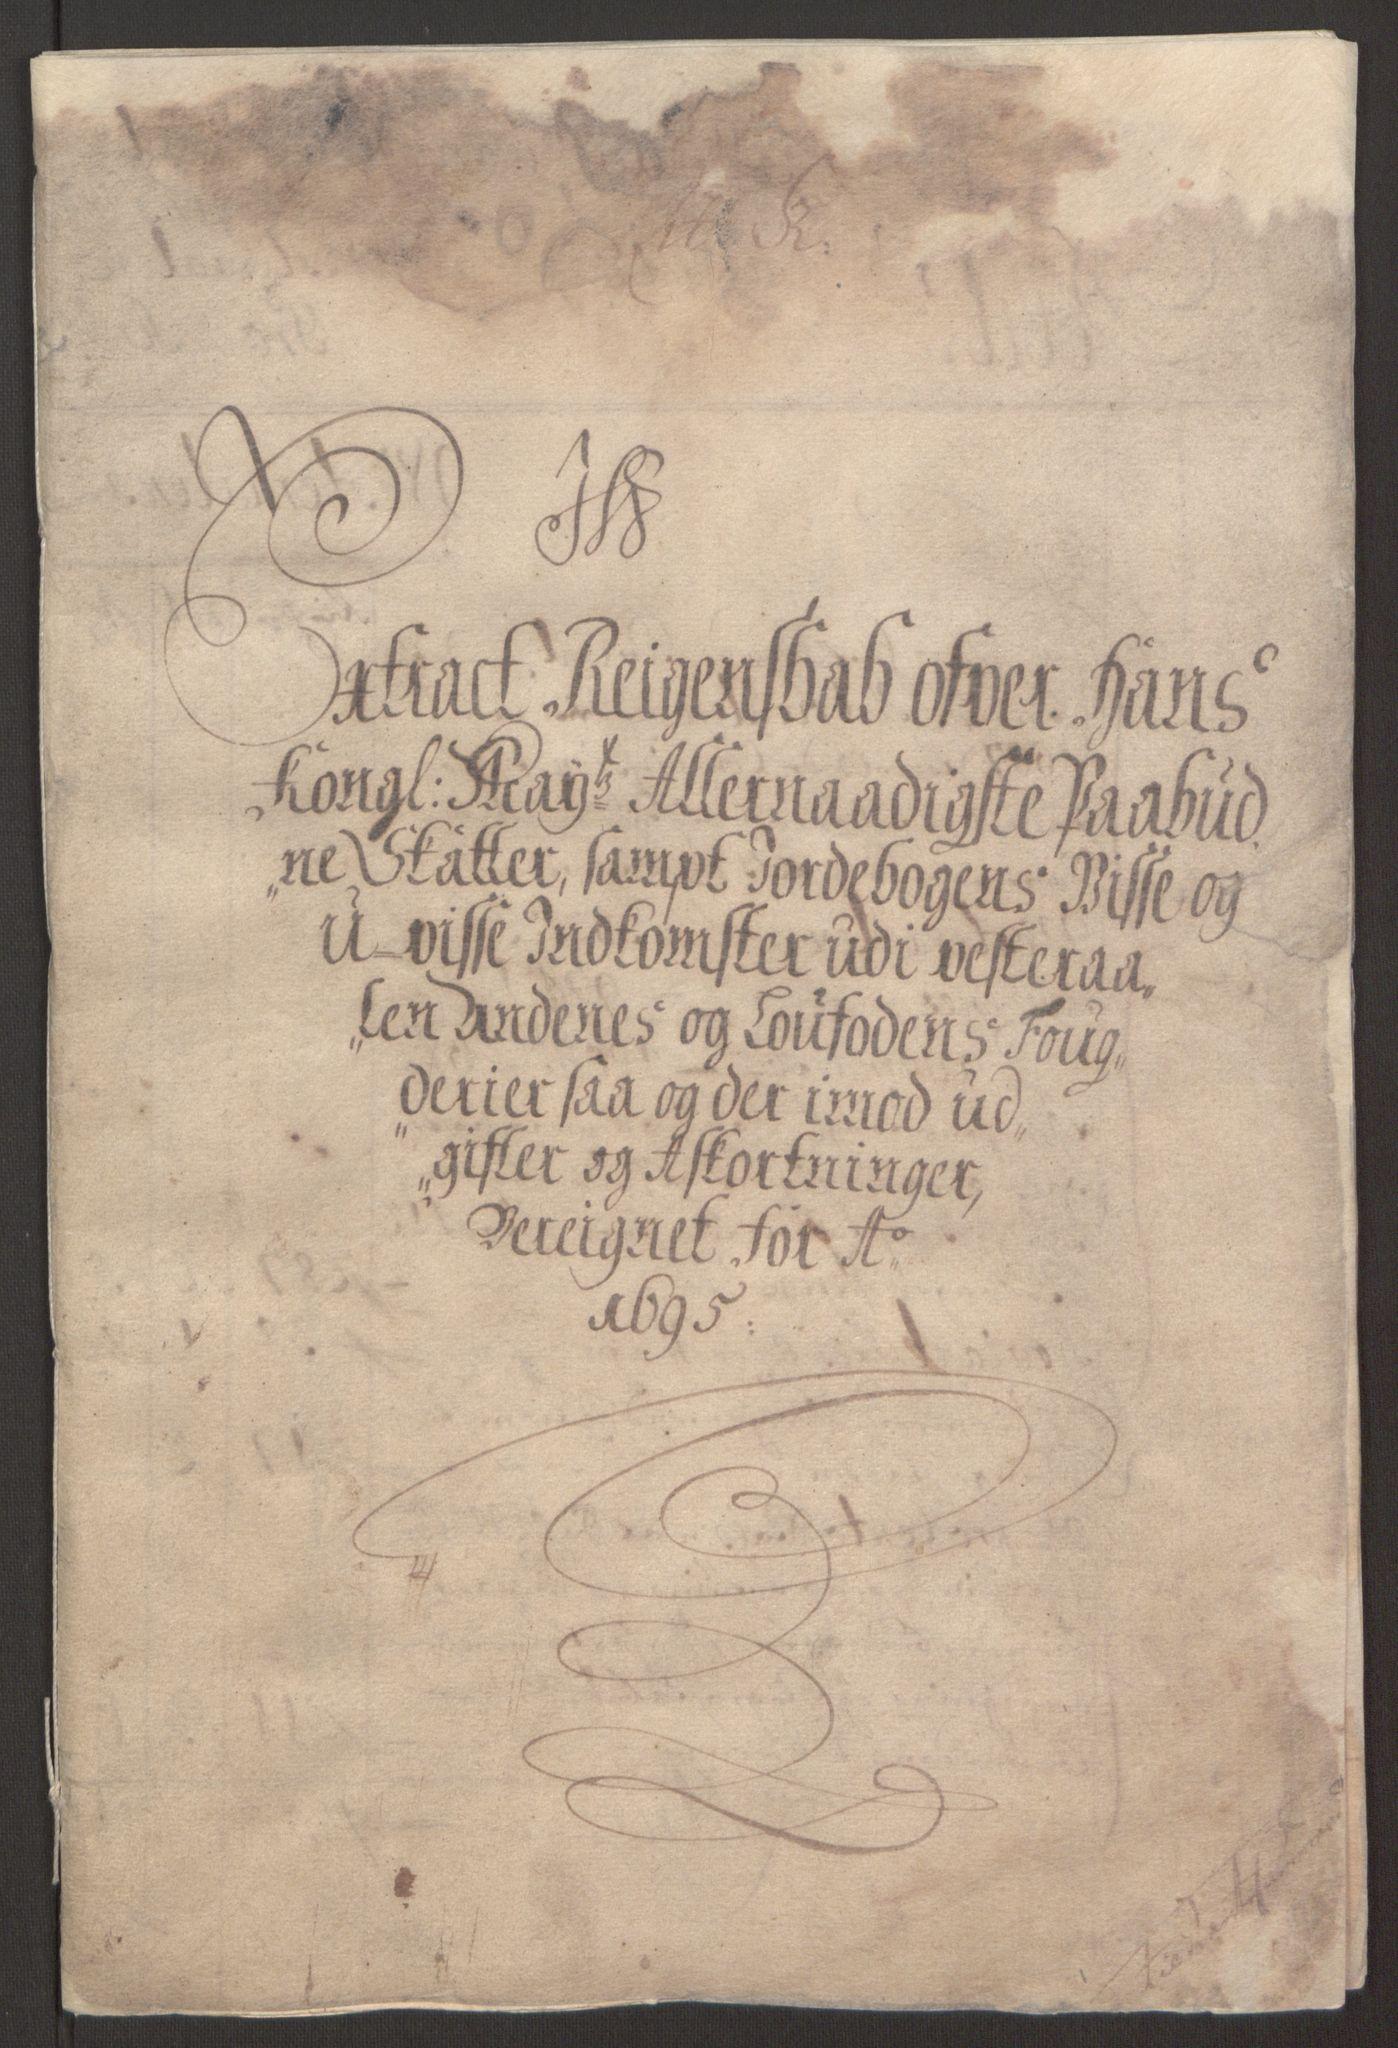 RA, Rentekammeret inntil 1814, Reviderte regnskaper, Fogderegnskap, R67/L4677: Fogderegnskap Vesterålen, Andenes og Lofoten, 1694-1695, s. 169